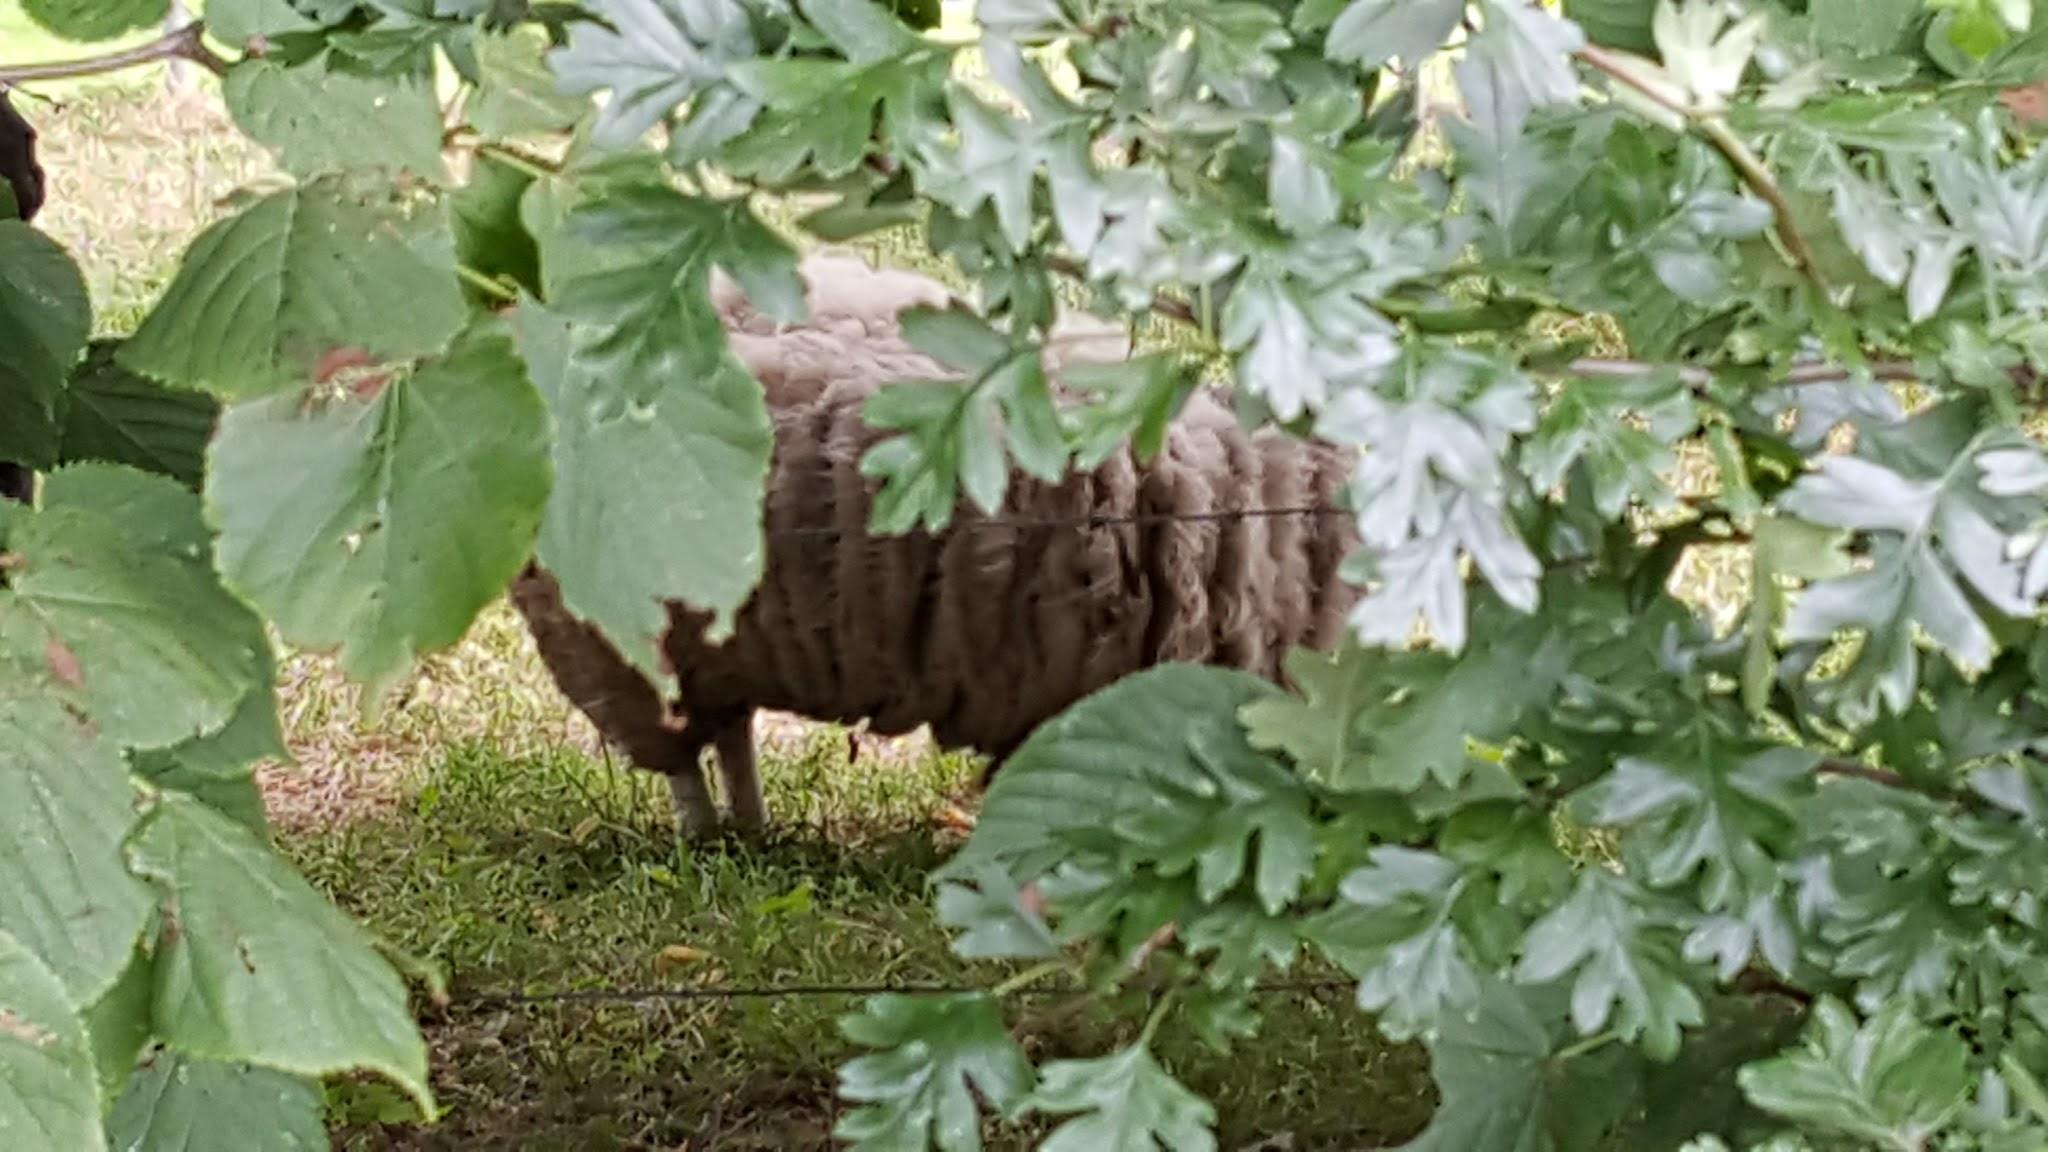 verstecktes -lange nicht ehr beim Friseur gewesenes- Schaf